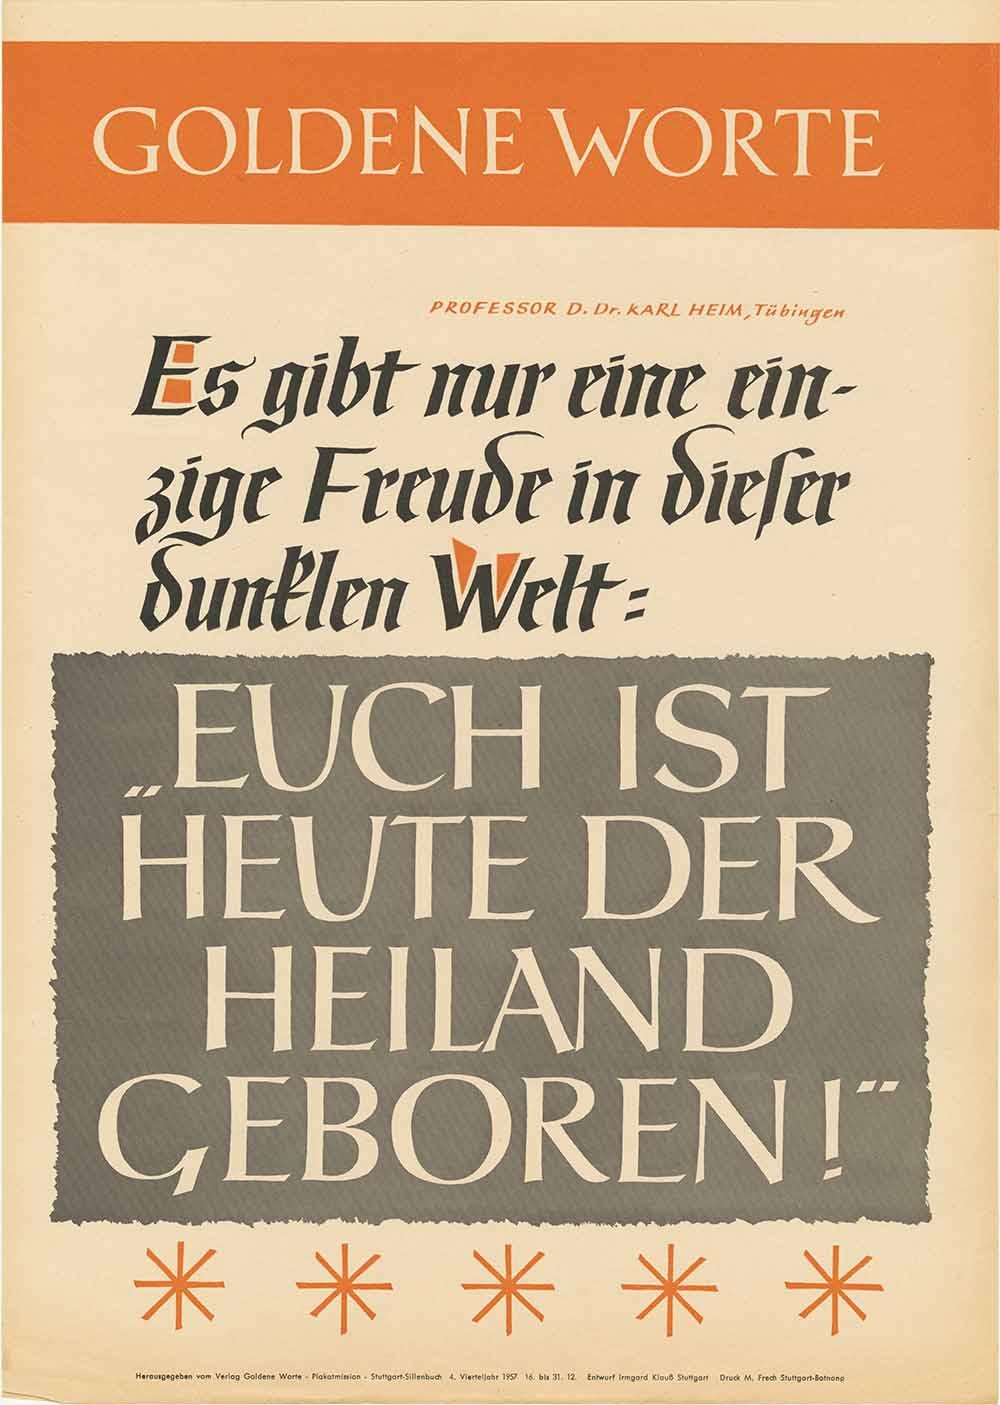 Goldene Worte zu Weihnachten | blog.archiv.ekir.de